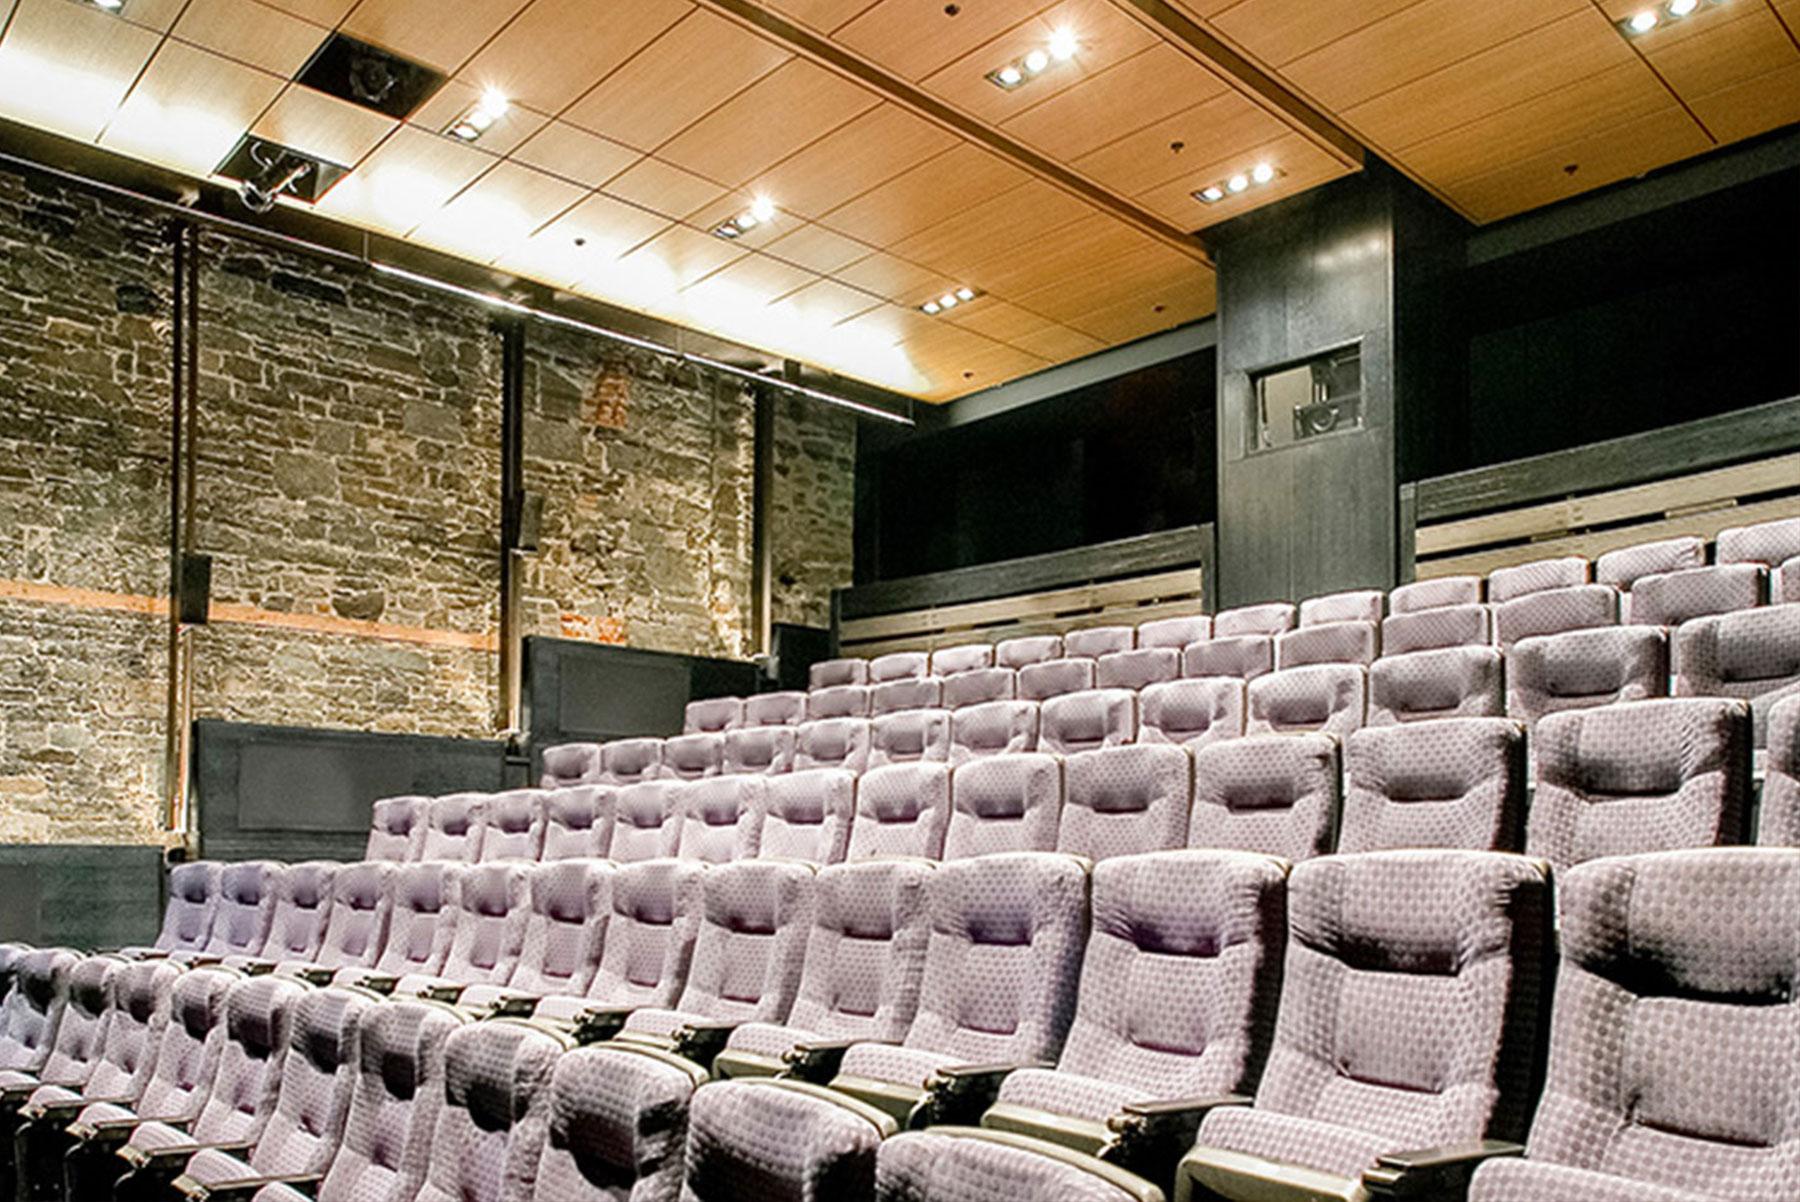 SpeakEasy Intensive Auditorium